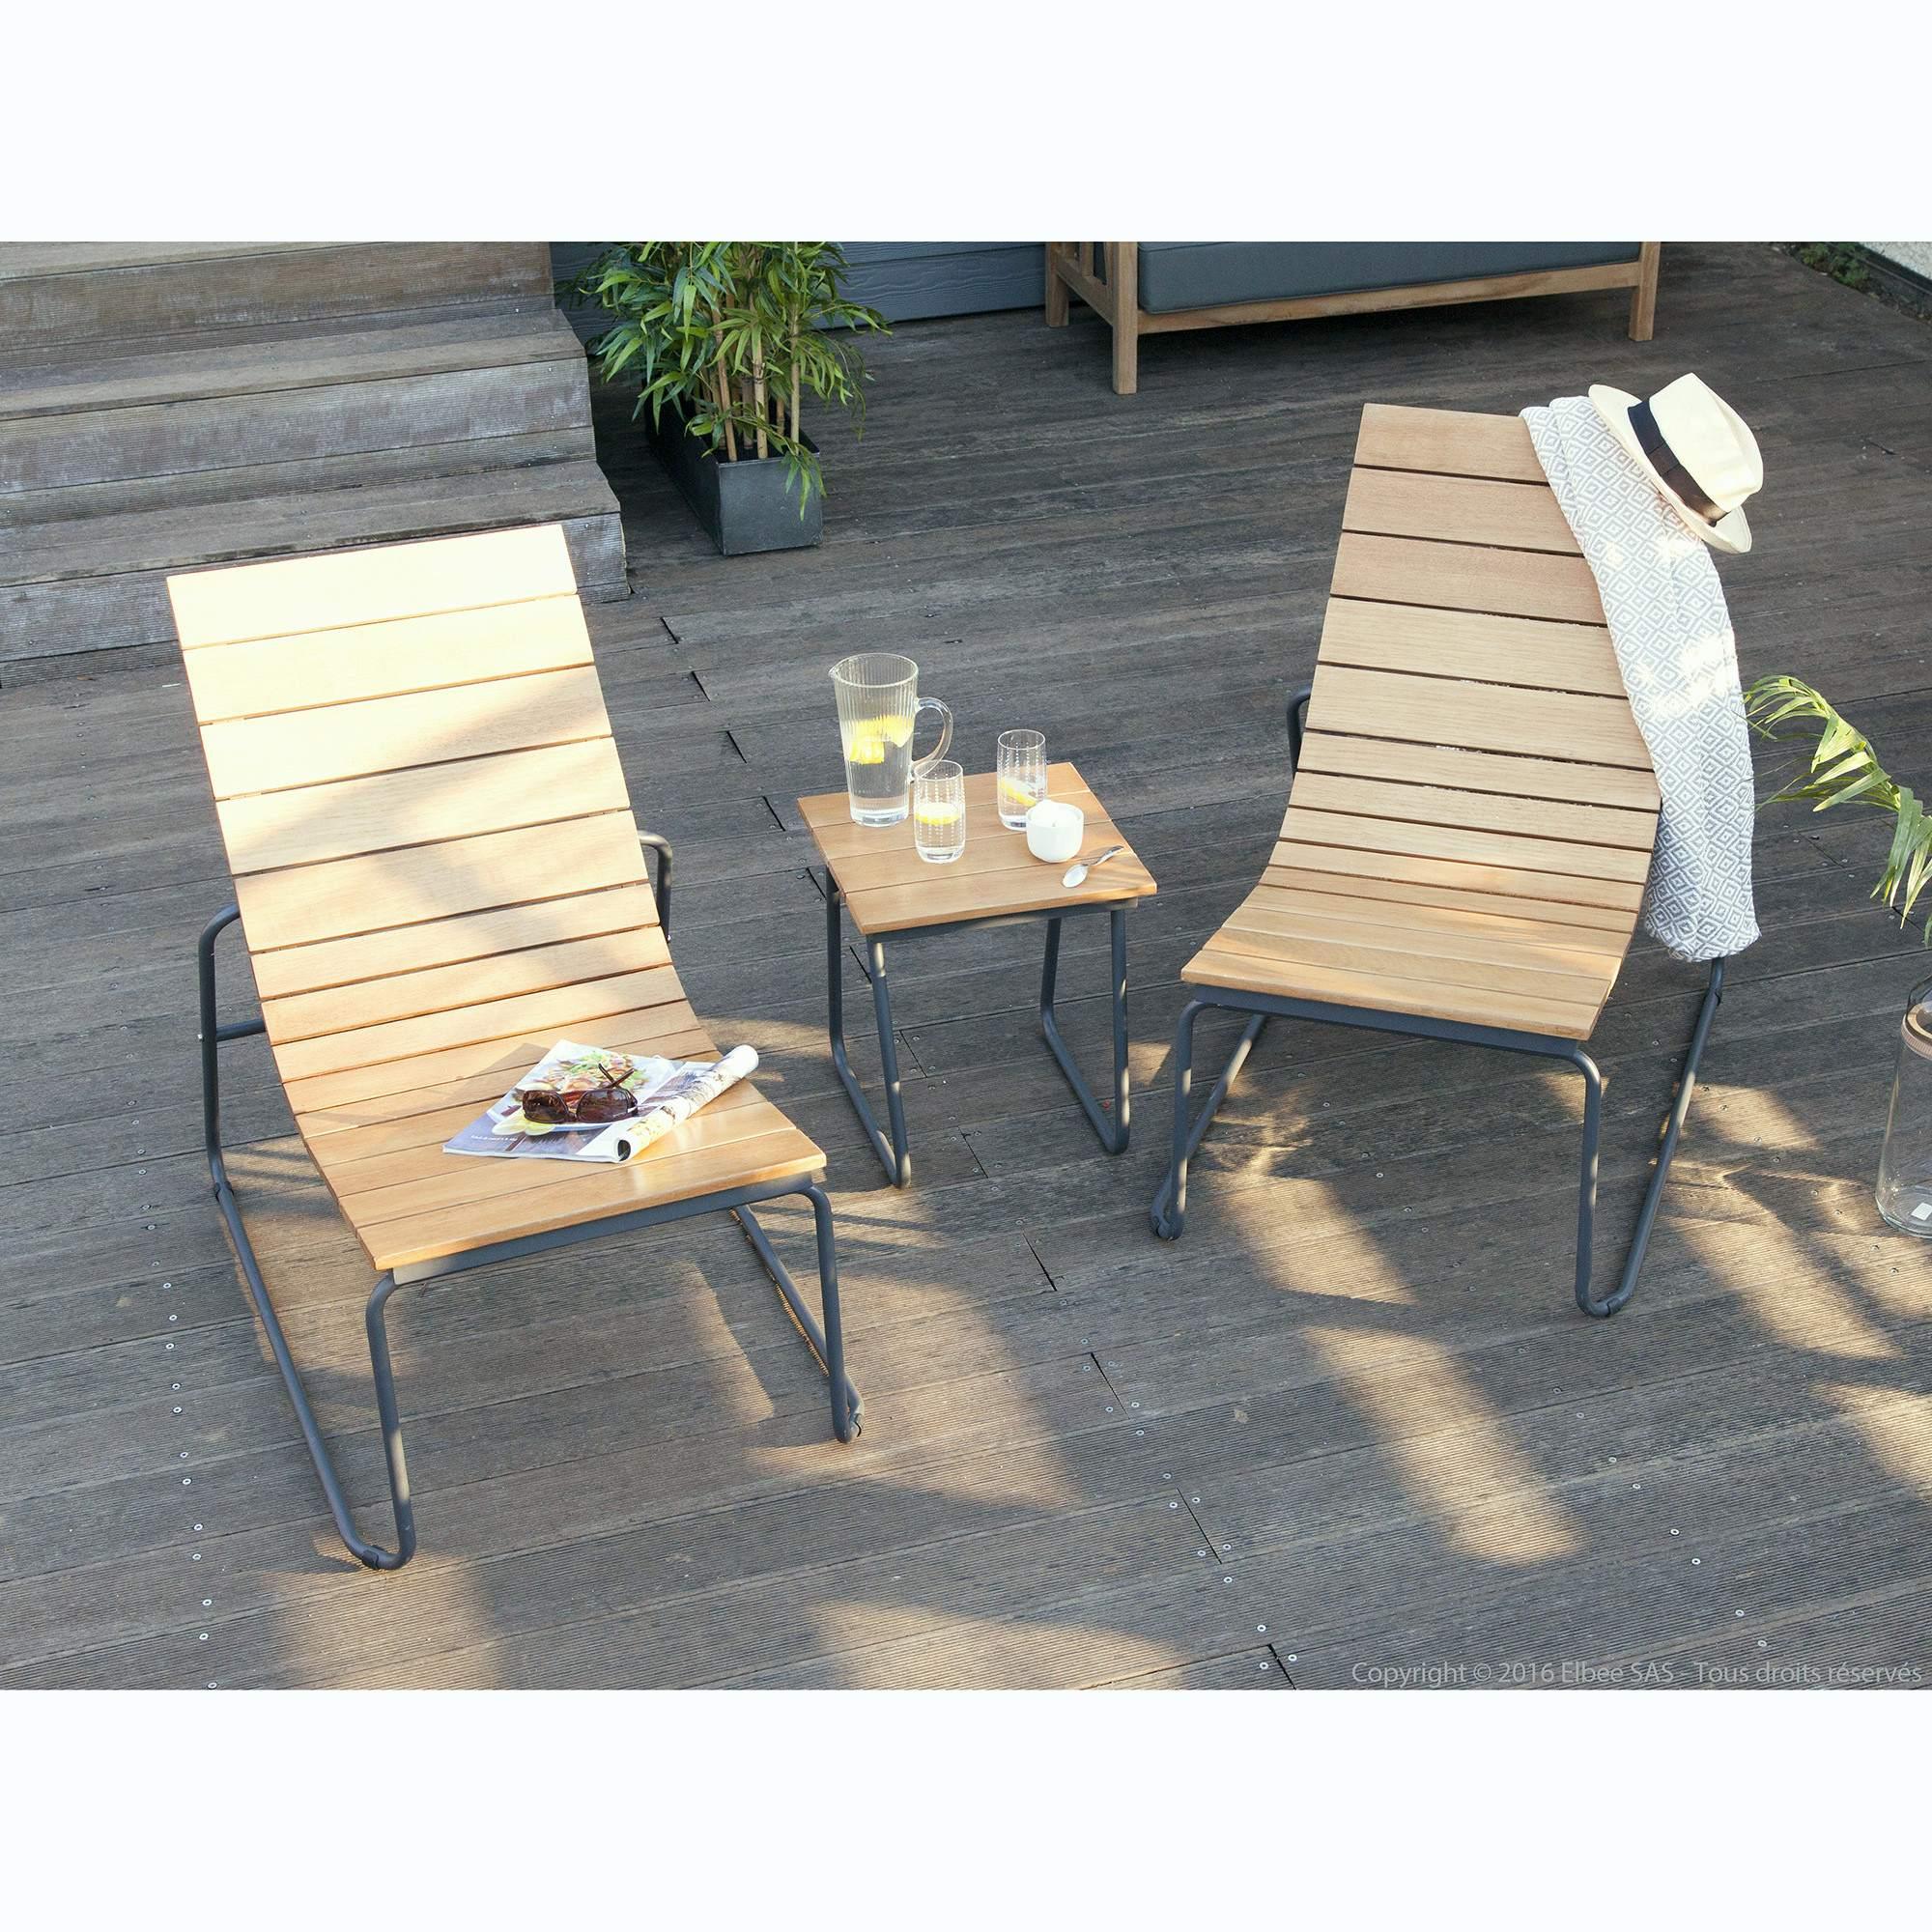 Serre De Gally Sartrouville Frais Collection 14 Nouveau Serre De Jardin Amazon Galerie De Cuisine Jardin